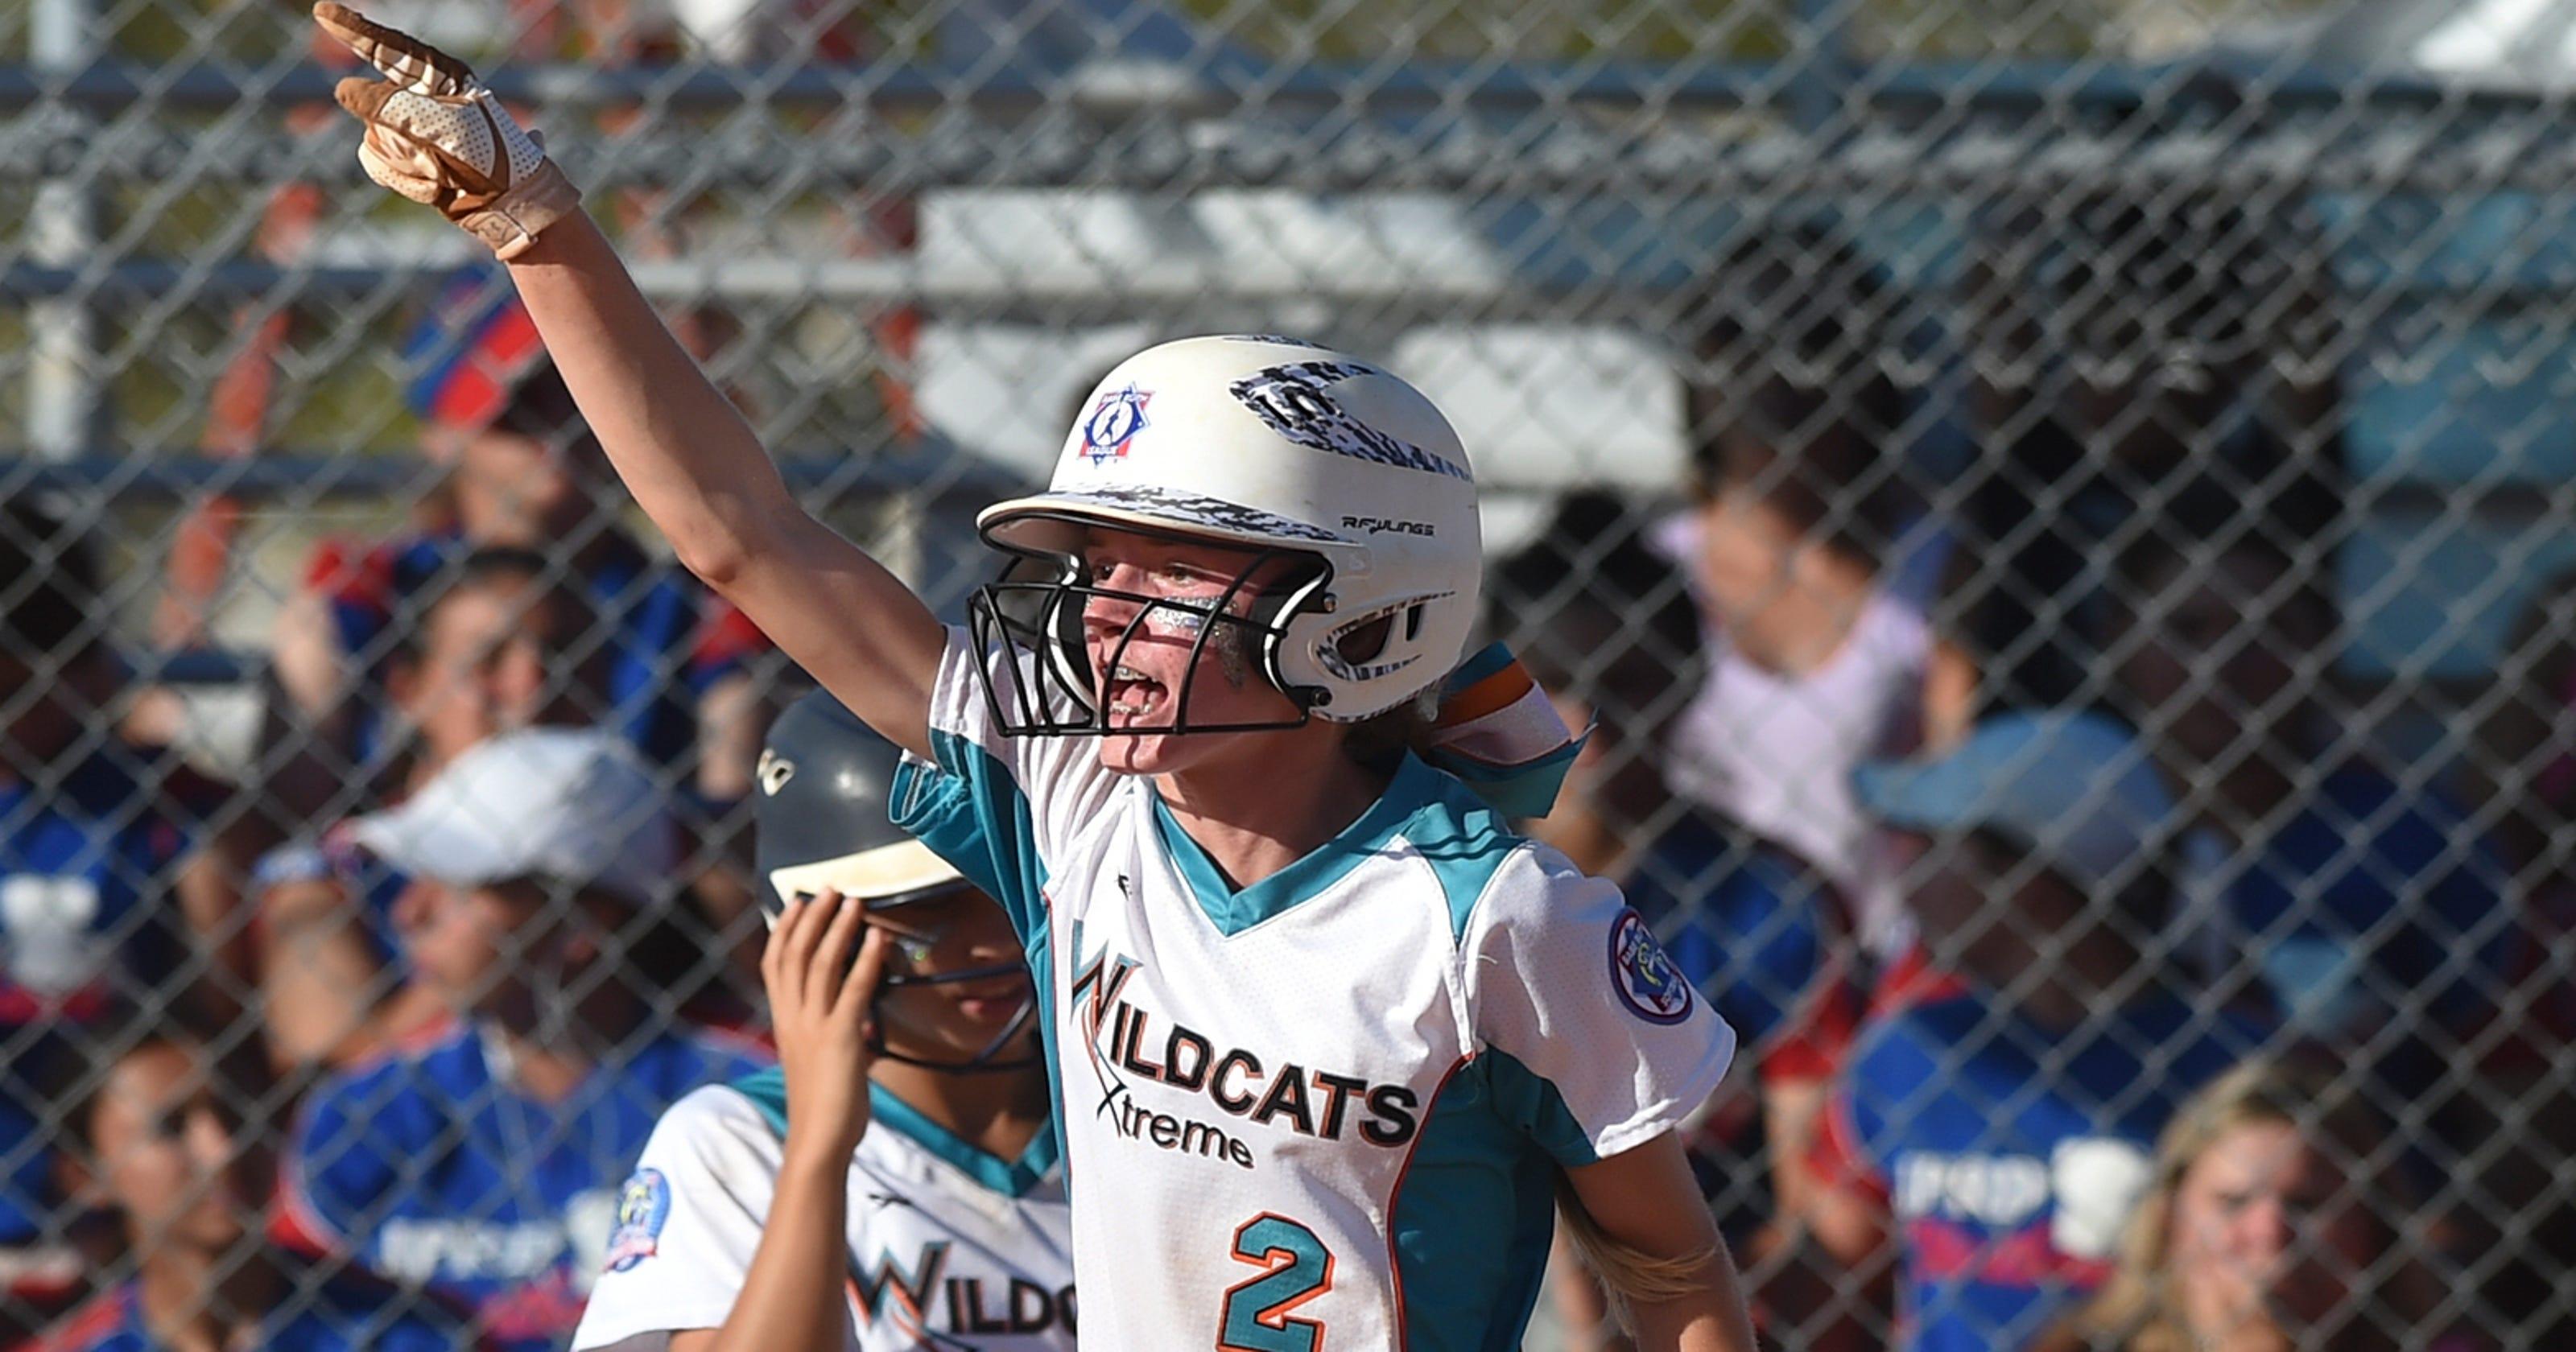 Jensen Beach Wildcats softball team wins Babe Ruth World Series